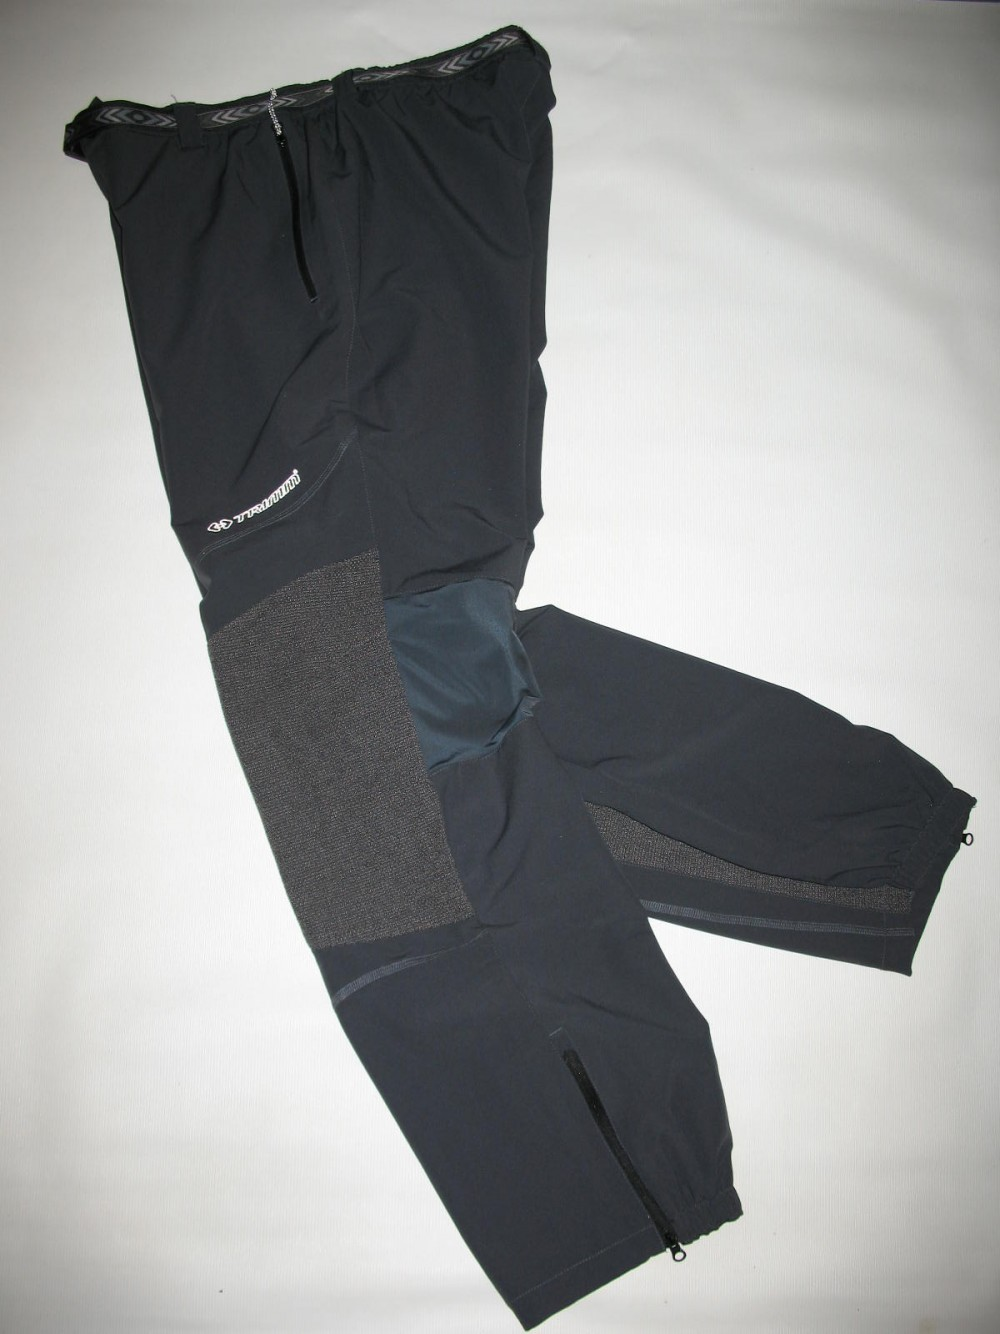 Штаны TRIMM slider pants (размер XXL) - 2